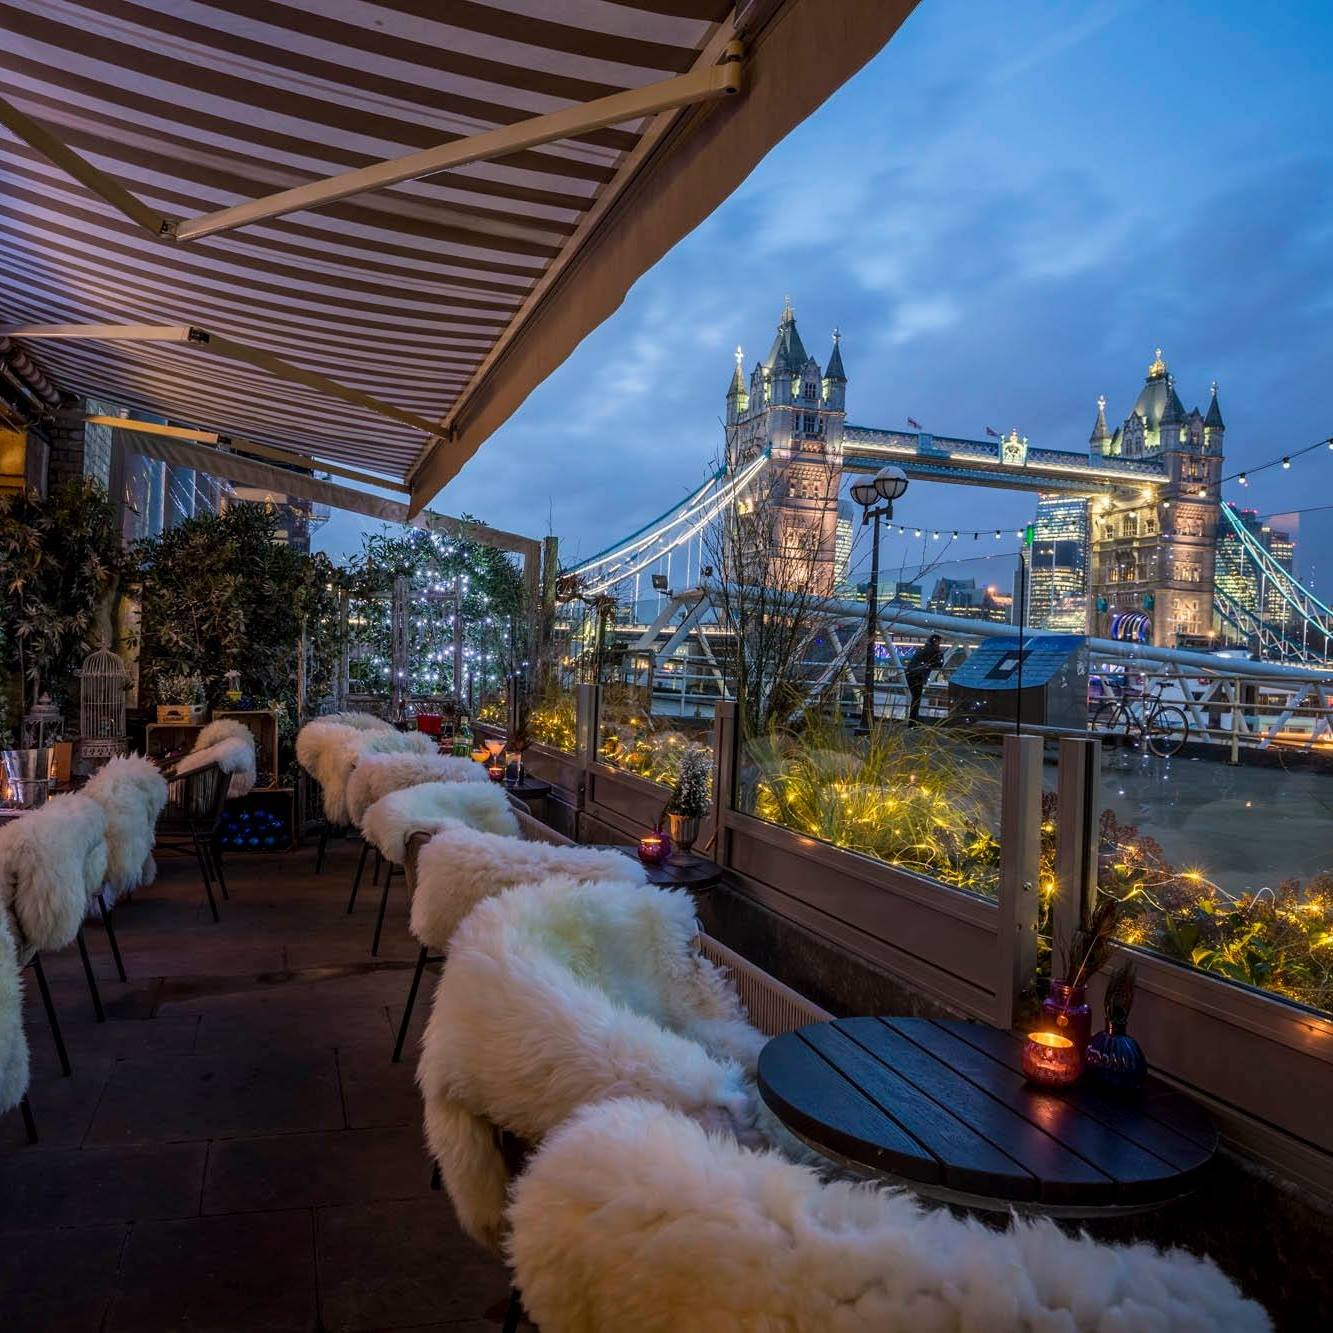 11 romantic restaurants for date night in london 11 Romantic Restaurants for Date Night in London 8cn3 xTVyjYWq2jt41uf2EMTk8OQOrcgSpaf37PpcCDk5wbr gSyW4kltr1U4DgZuUv1ZJinXobh 72IcyPVRjzskpRRm8 ViGr 08RASSXYkG5cnKj6f5esgZkOYrOEgg